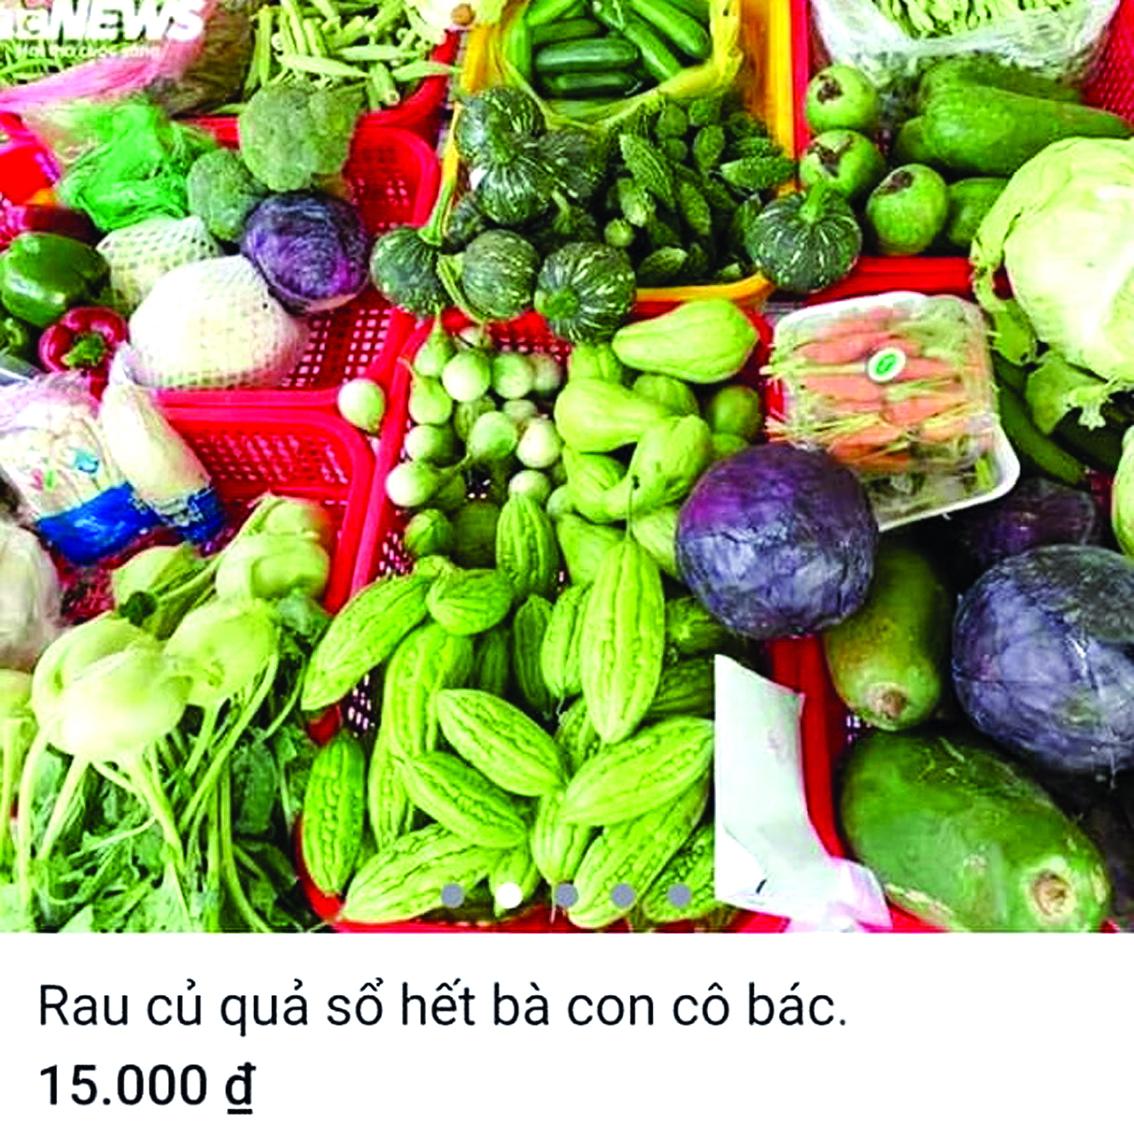 Trang Facebook Cô Út Bố Láo đăng bán rau, thịt, cá giá rẻ để lừa đảo chiếm đoạt tiền của khách (ảnh do nạn nhân của tài khoản này cung cấp)